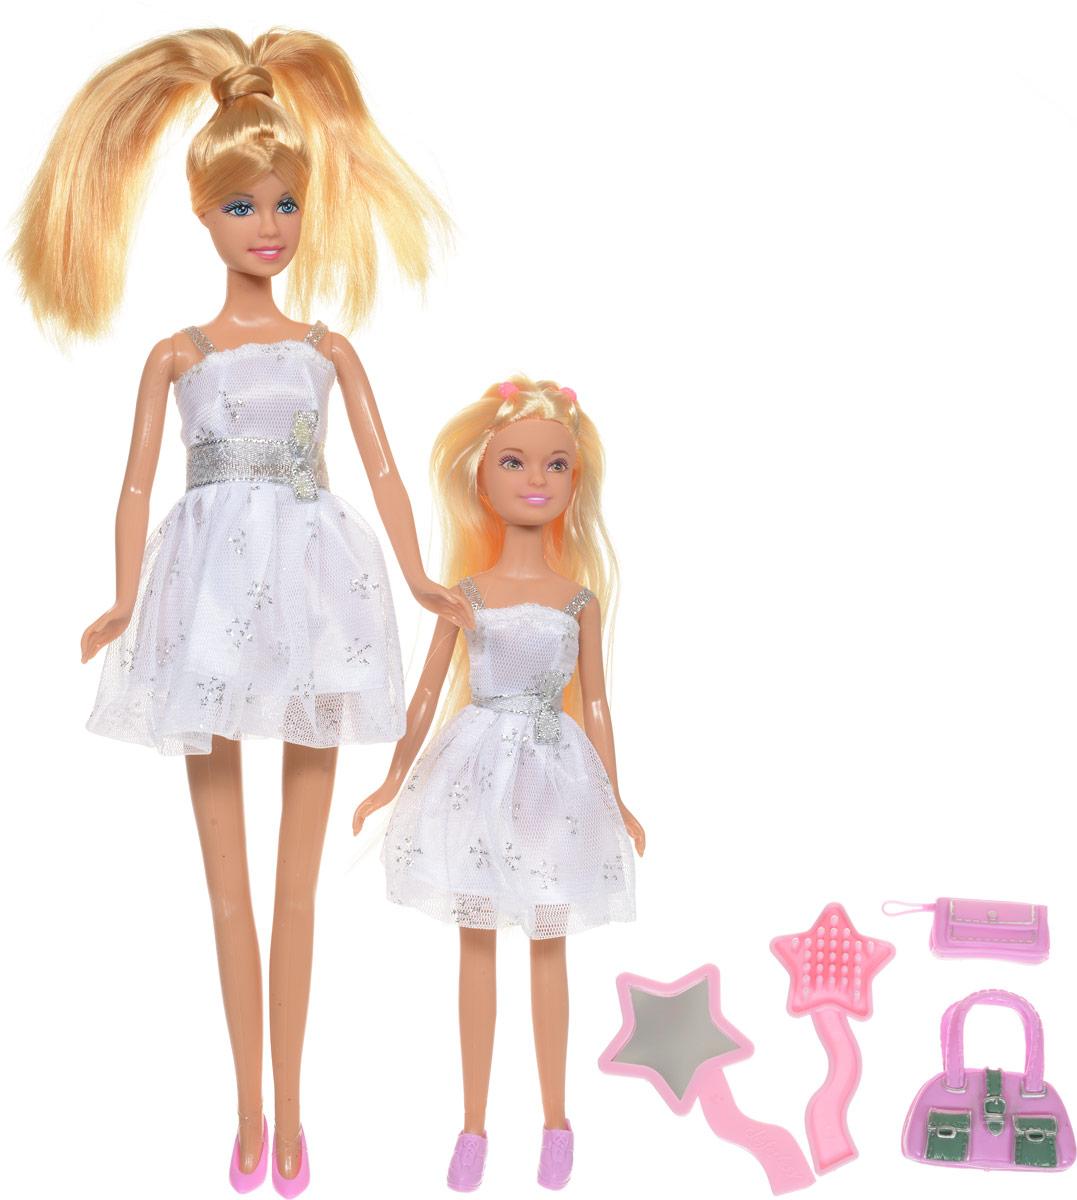 Defa Игровой набор с куклами Lucy Sisters цвет платьев белый8126dКуклы-сестрички Lucy. Sisters от компании Defa непременно понравятся вашей малышке и станут ее любимыми игрушками. Куклы Defa известны на весь мир своими забавными щечками и смешной улыбкой. Куклы одеты в короткие белые платья с блестками и в розовые туфельки. У кукол длинные светлые волосы, вашей дочурке непременно понравится заплетать волосы куколок, придумывая разнообразные прически и новые образы. Голова, руки и ноги кукол подвижны. В комплекте с куклами имеются модные розовые сумочки и расческа с зеркальцем. Куклы, пожалуй, самые популярные игрушки в мире. Девочки обожают играть с ними, отправляясь в сказочную страну грез. Собери всю коллекцию забавных модниц от компании Defa. Порадуйте свою малышку таким великолепным подарком!